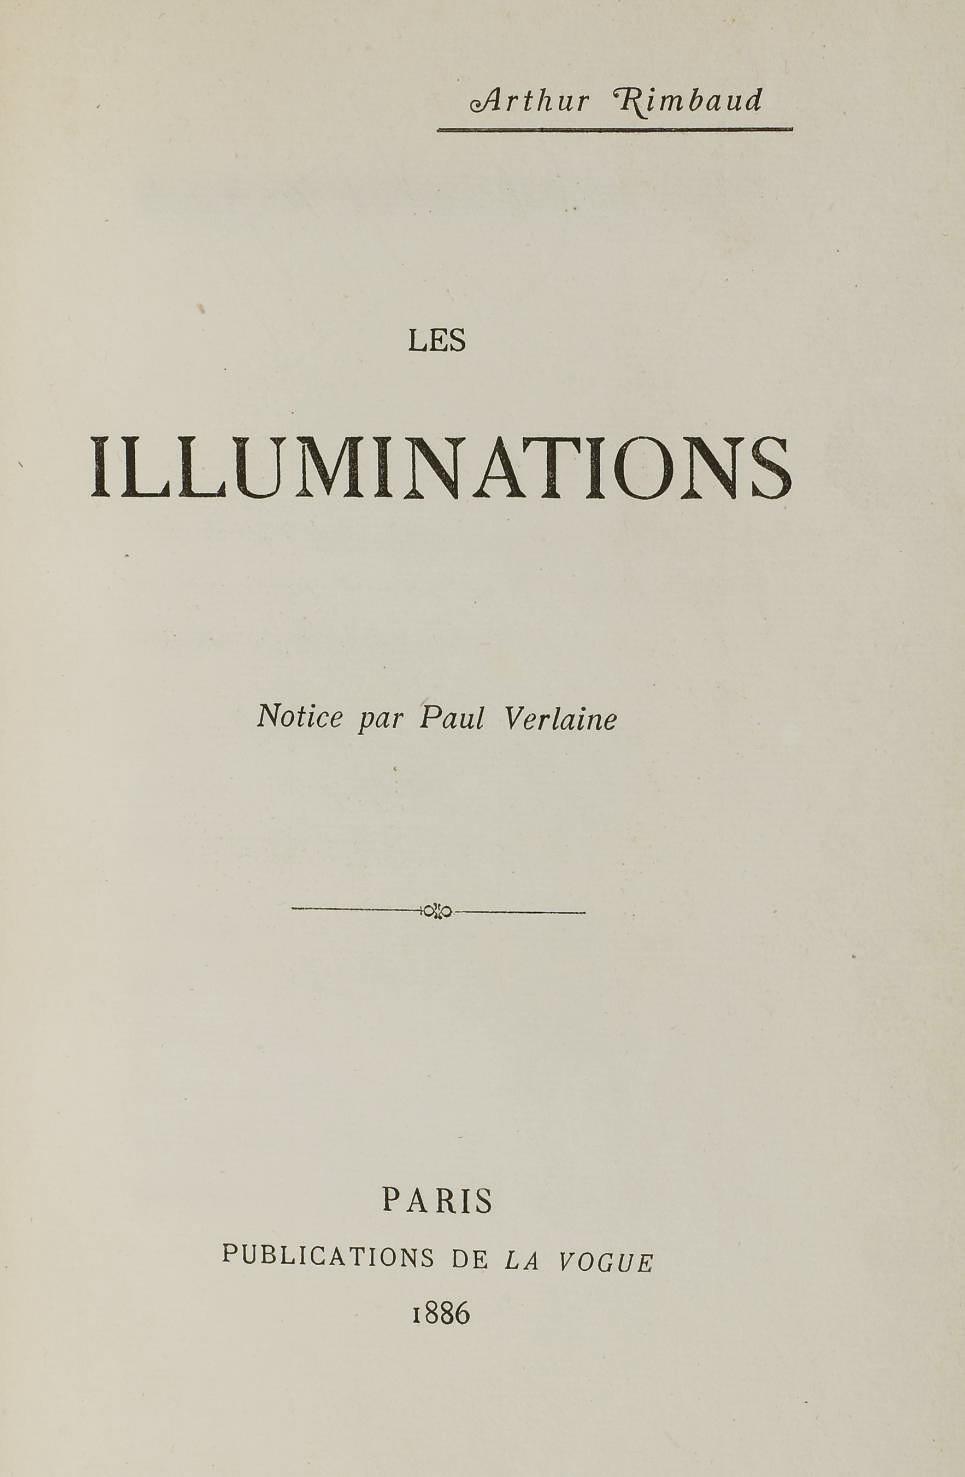 RIMBAUD, Arthur (1854-1891). Les Illuminations. Notice par Paul Verlaine. Paris: A. Retaux pour Publications de La Vogue, 1886.